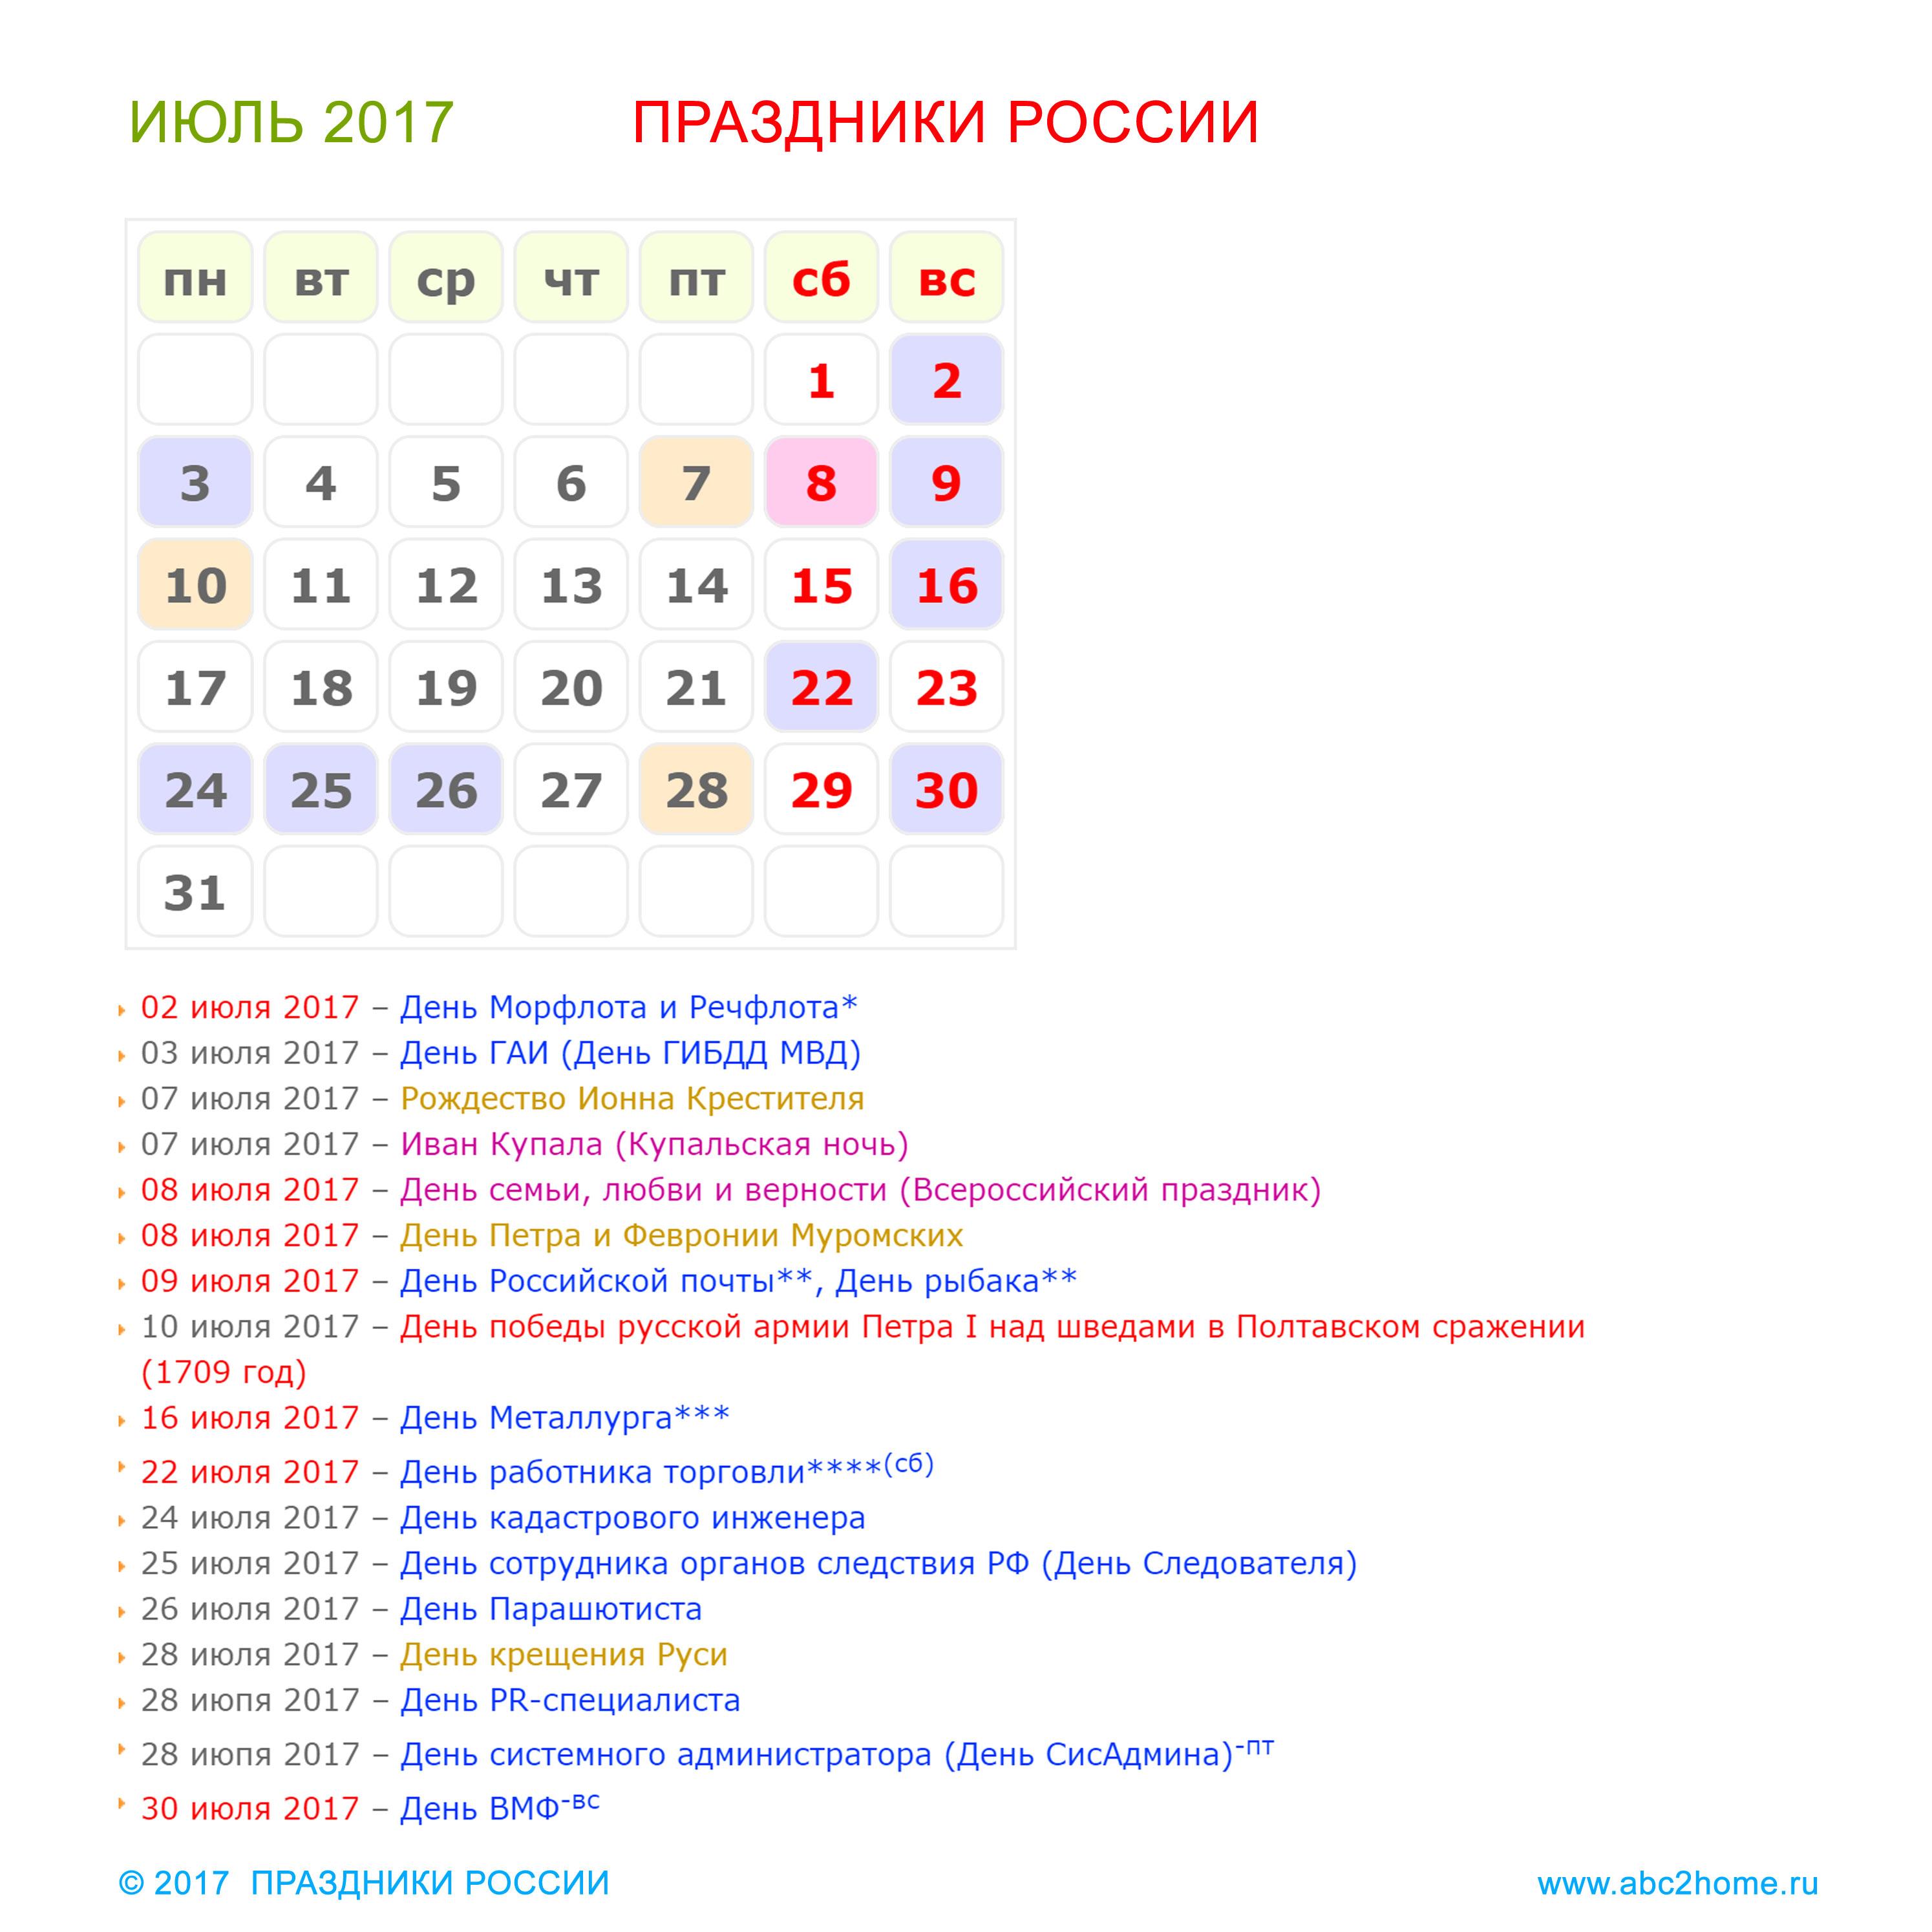 prazdniki_rossii_iyul_2017.jpg